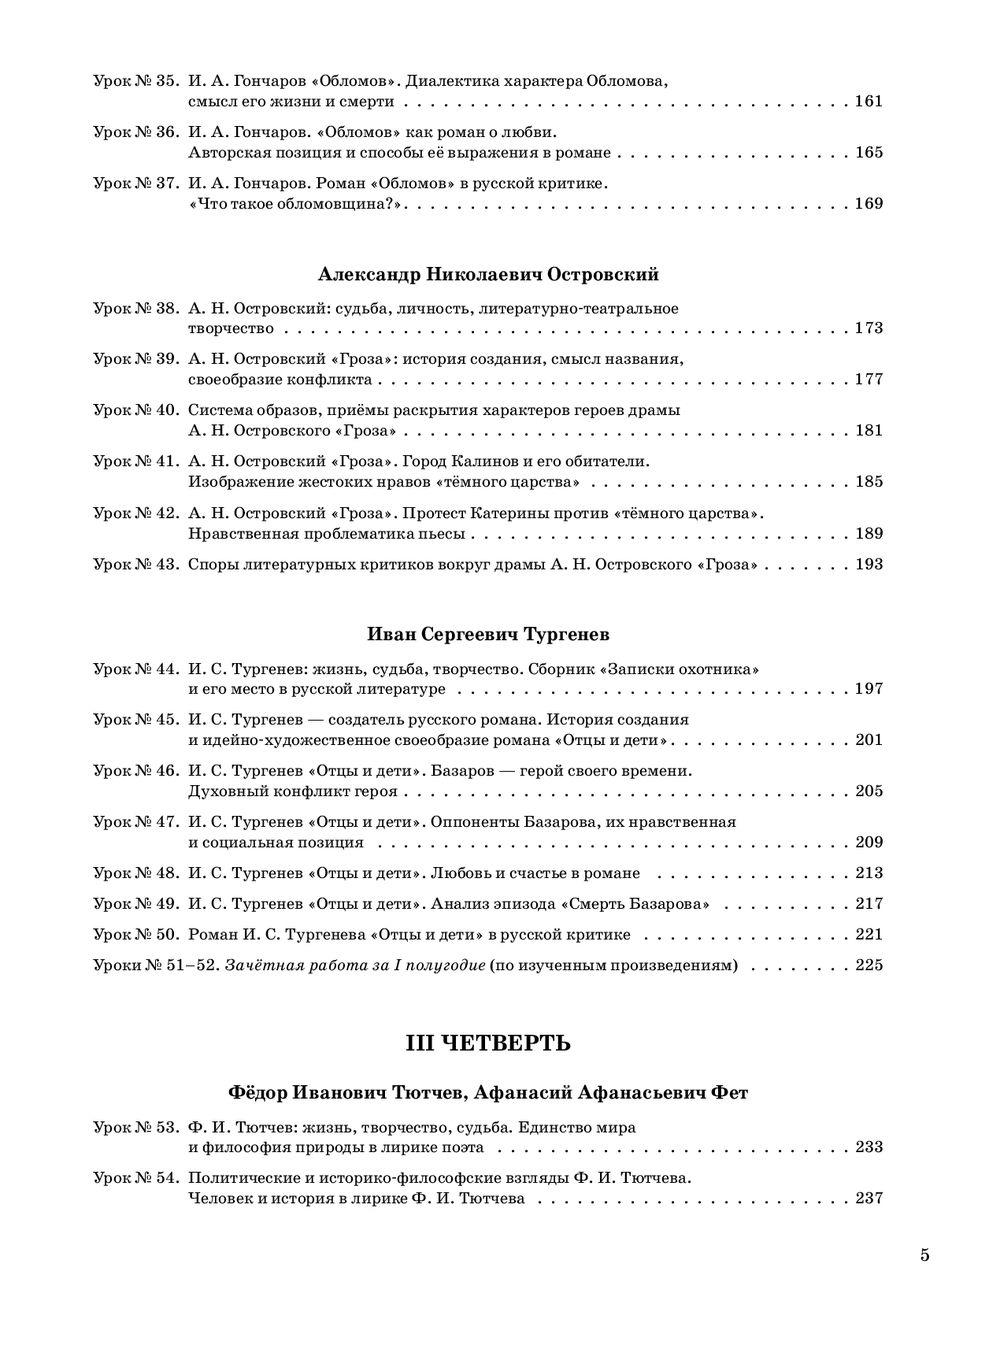 Конпект уроков по русскому языку 2 класса с белязыком обучения в беларуси